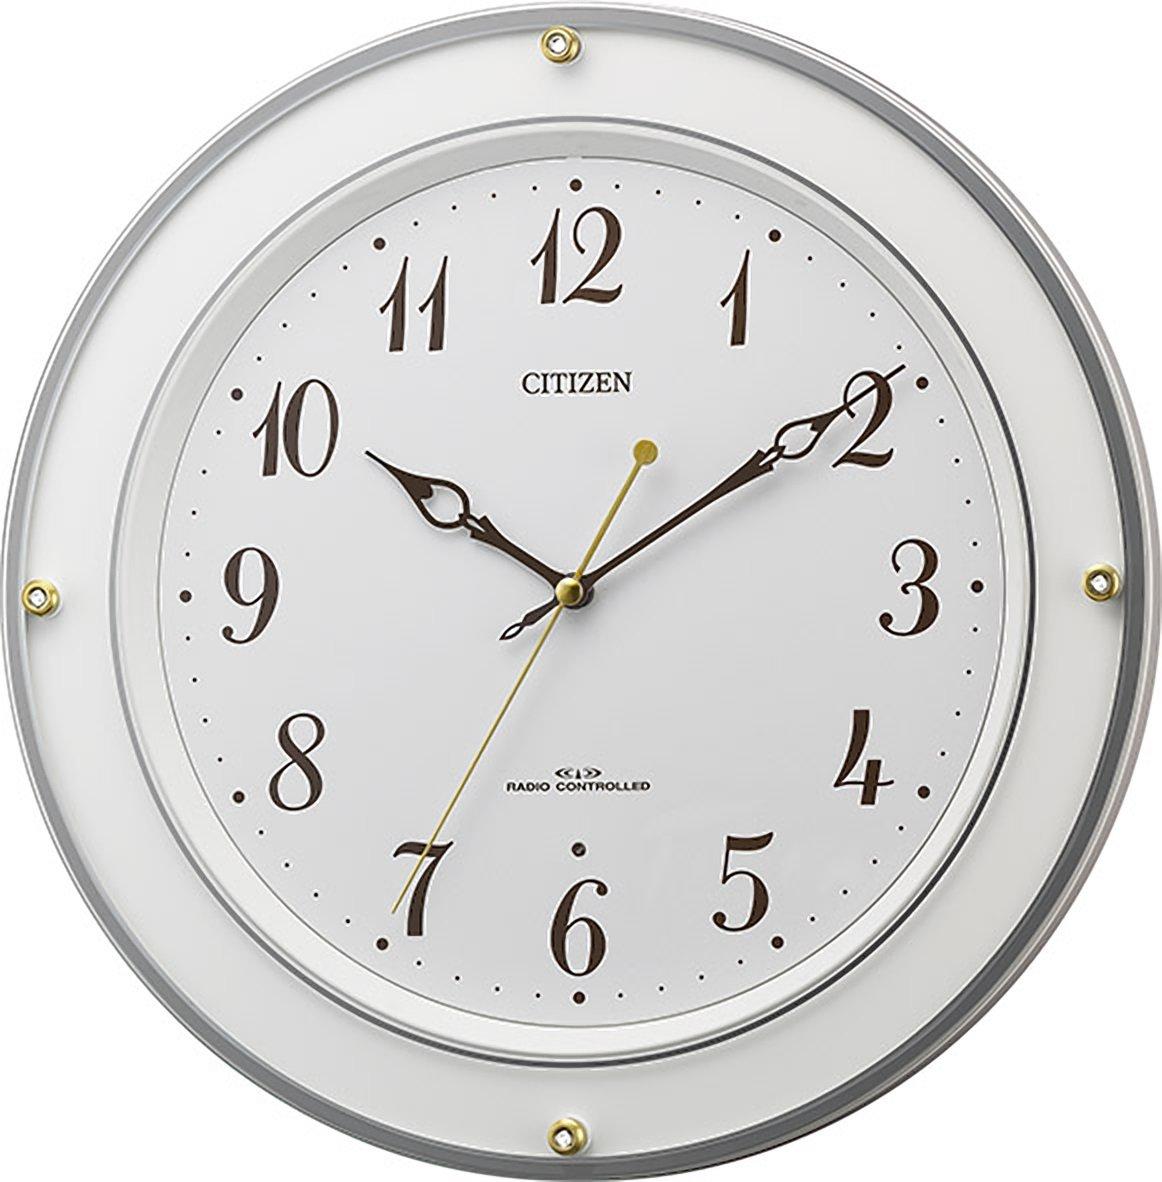 シチズン 掛け時計 電波 アナログ M518 連続秒針 クリスタル 飾り 白 CITIZEN 8MY518-003 B01N6GN7L4